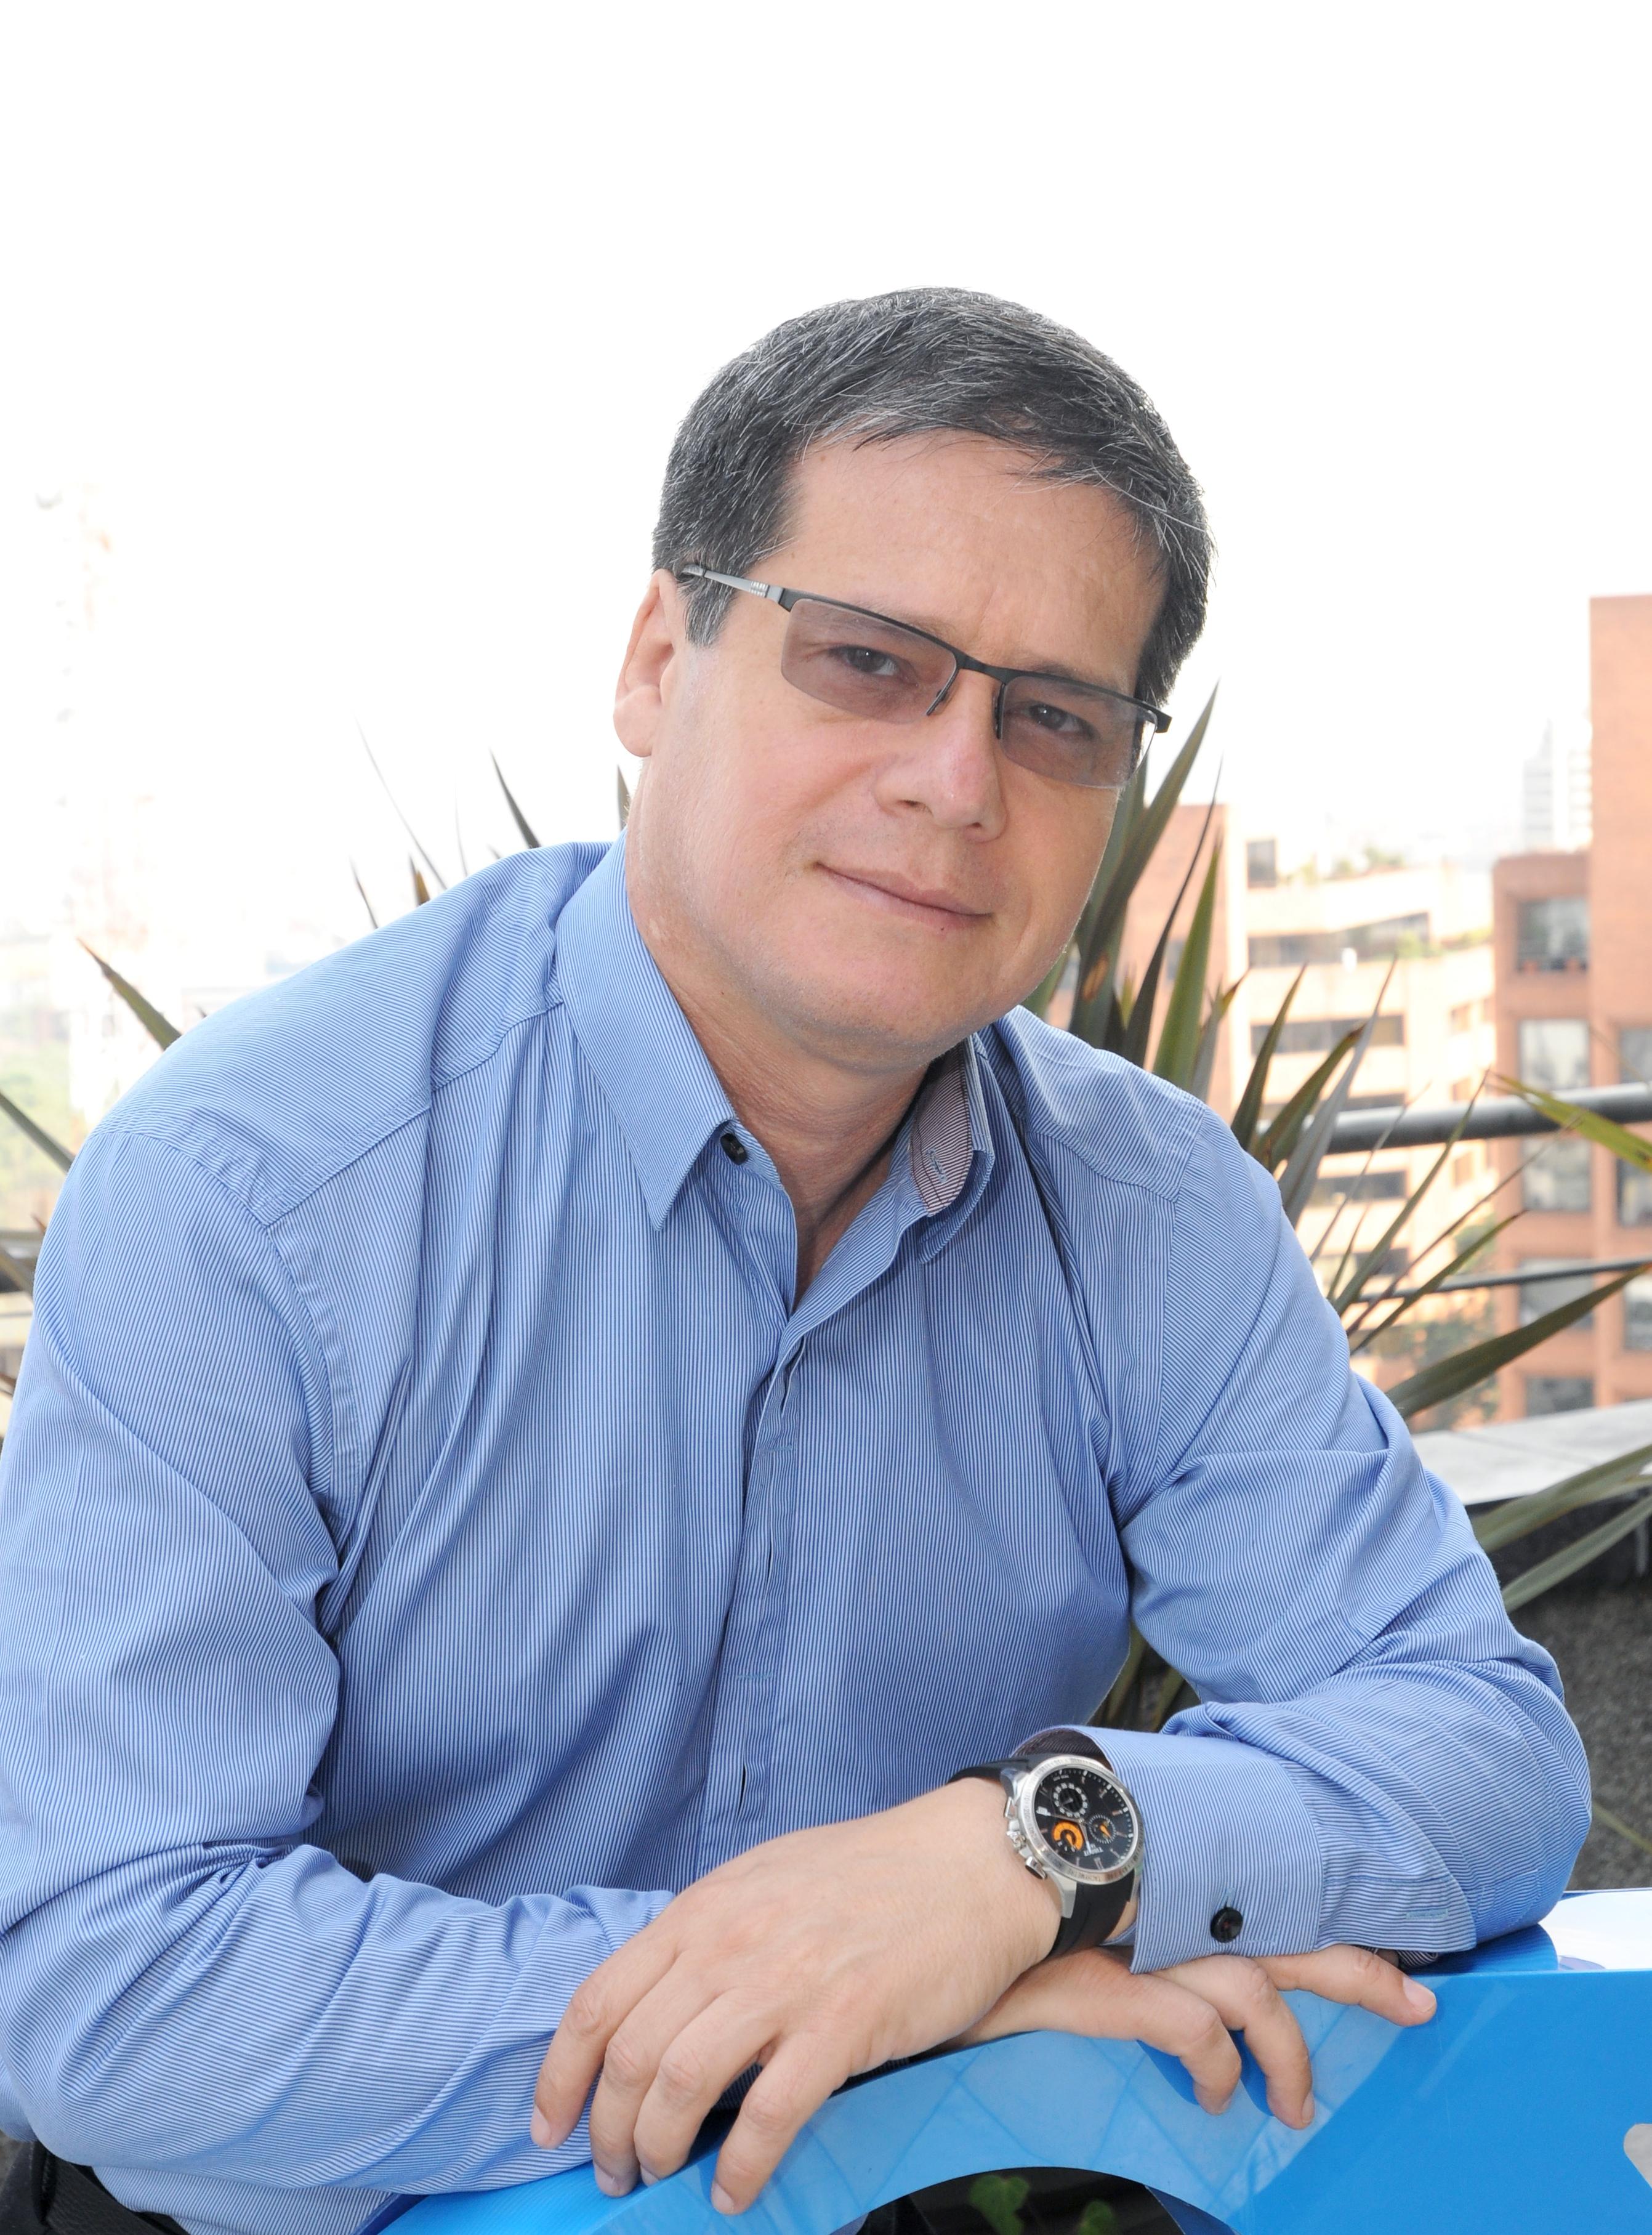 La Oficina de Cristal : en exclusiva un adelanto del nuevo libro de Alberto Arébalos